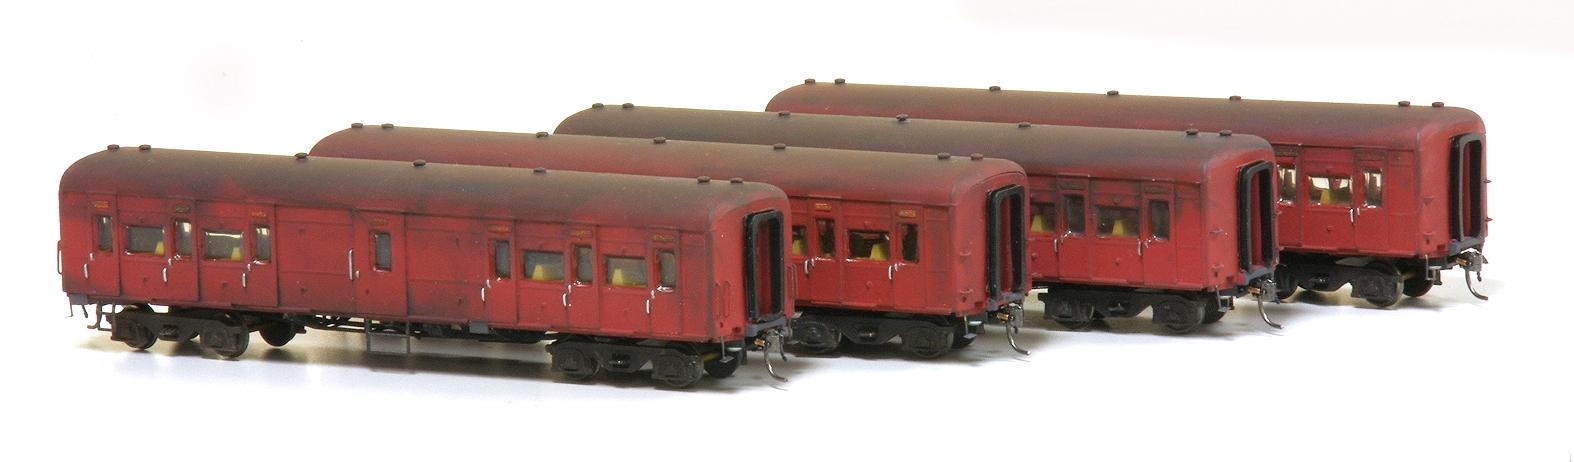 IMGP7601